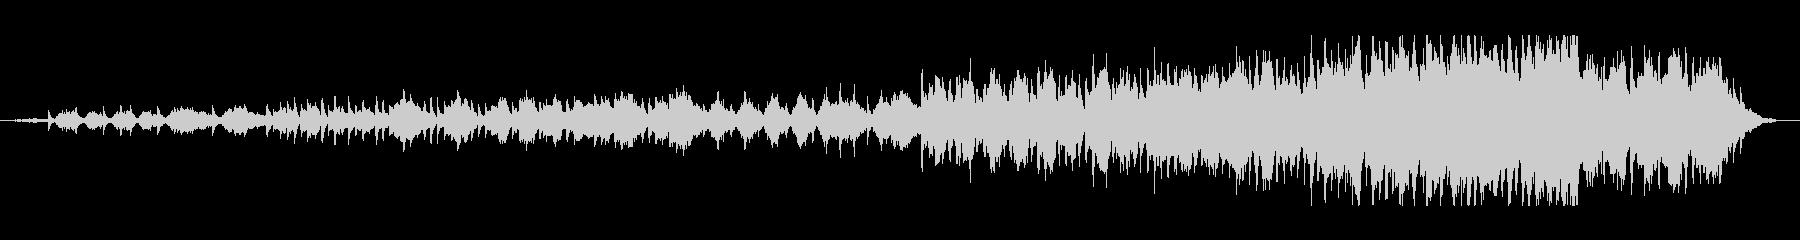 オーケストラとピアノを使用したミニマルの未再生の波形